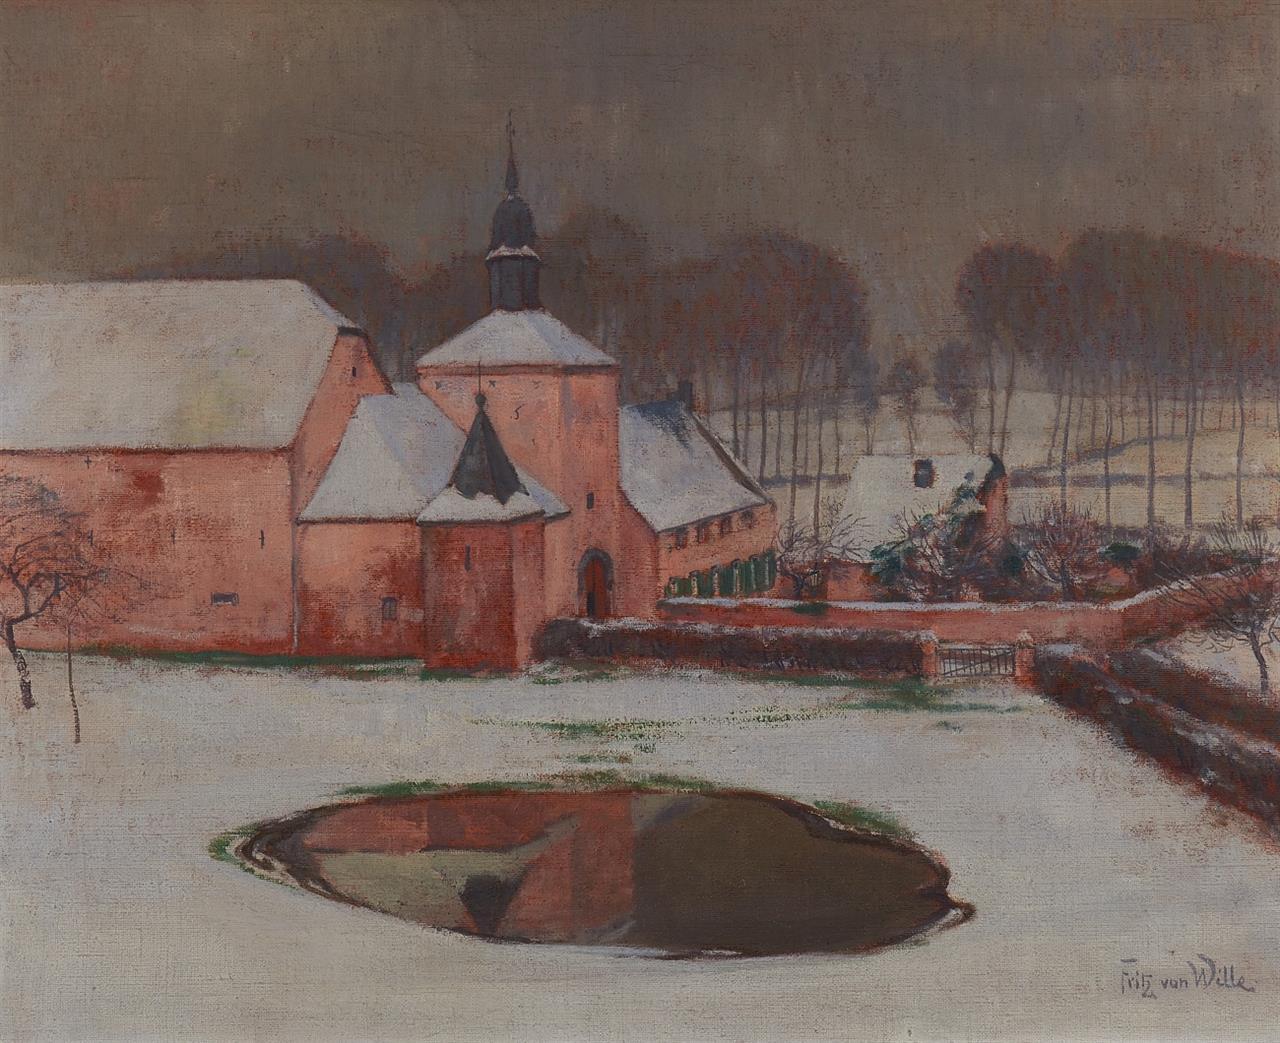 Fritz von Wille. Die rote Ferme (Brabant). Öl auf Leinwand. Signiert.